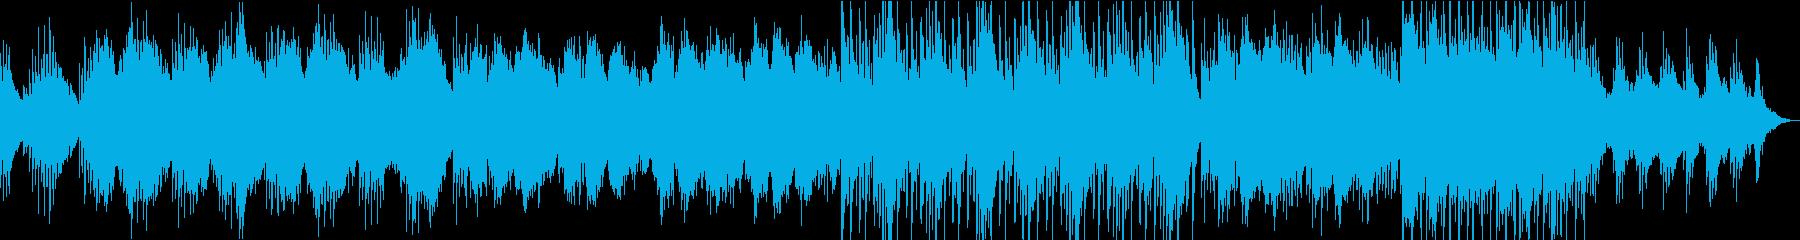 しっとりとした和風の琴と尺八の再生済みの波形